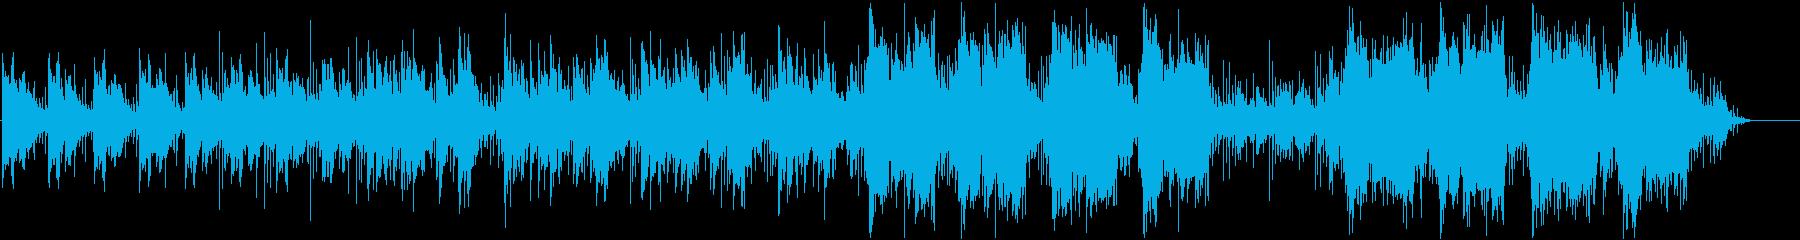 神秘的なヒーリングBGMミュージックの再生済みの波形